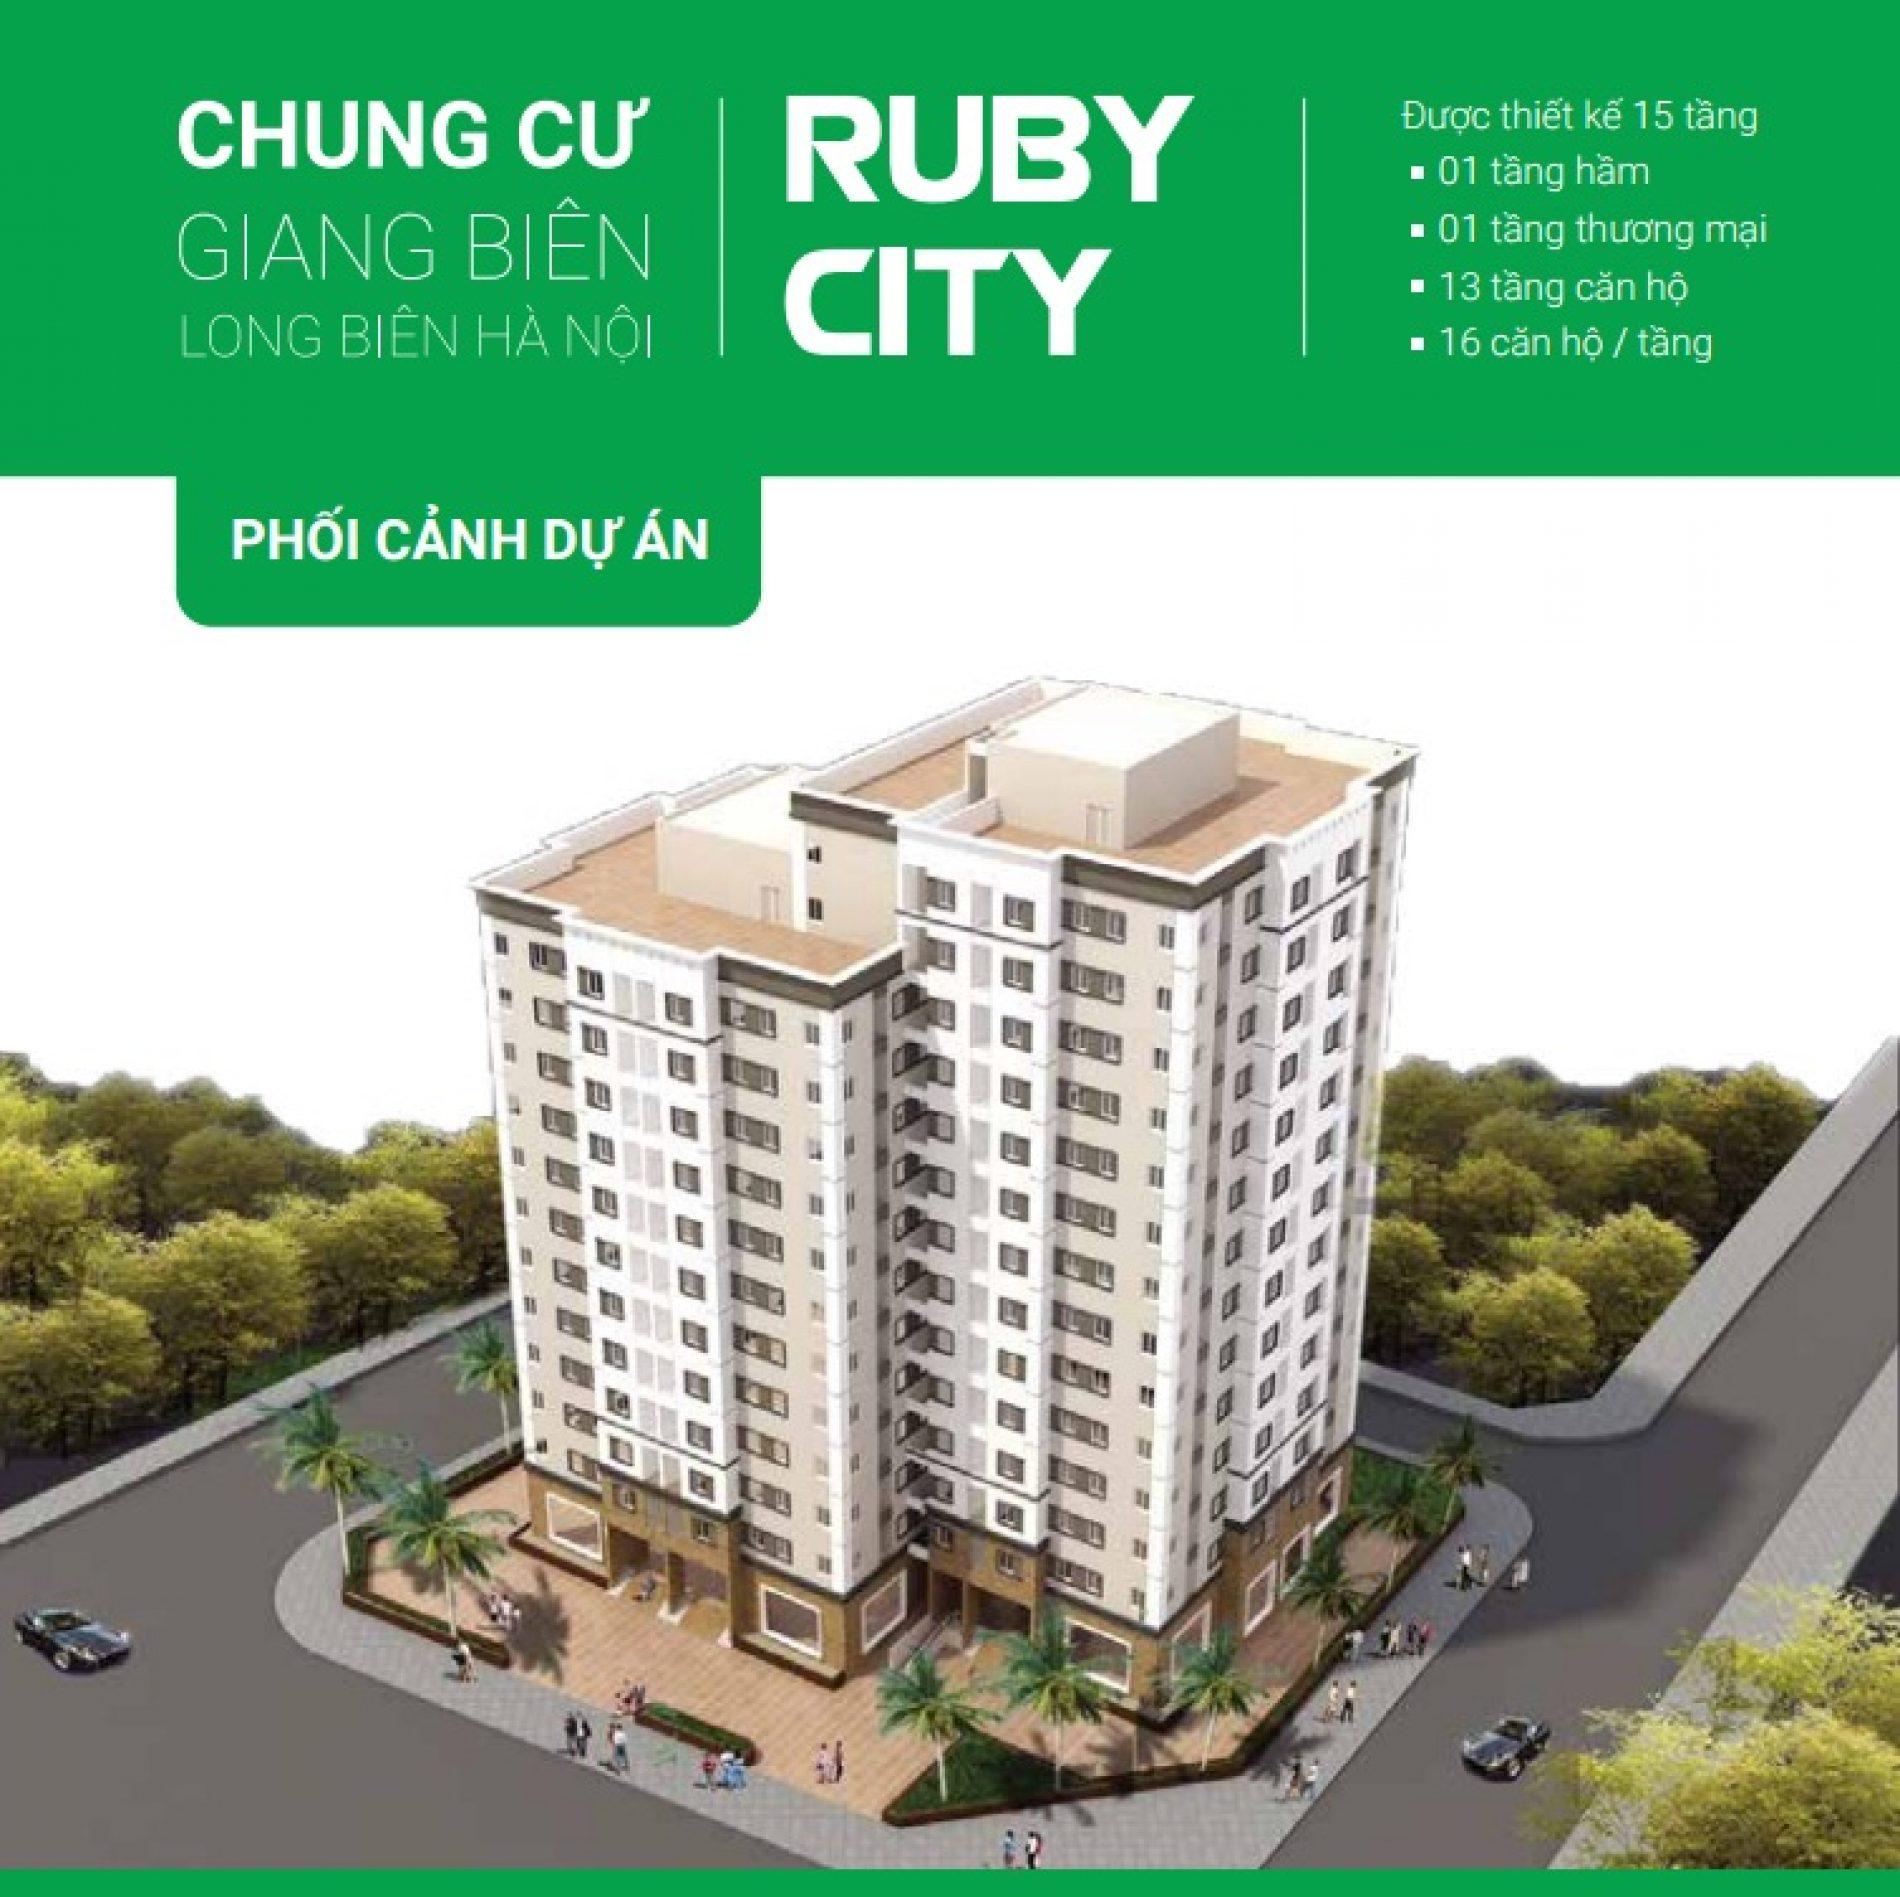 Chung cư Ruby City 2 Việt Hưng – Long Biên